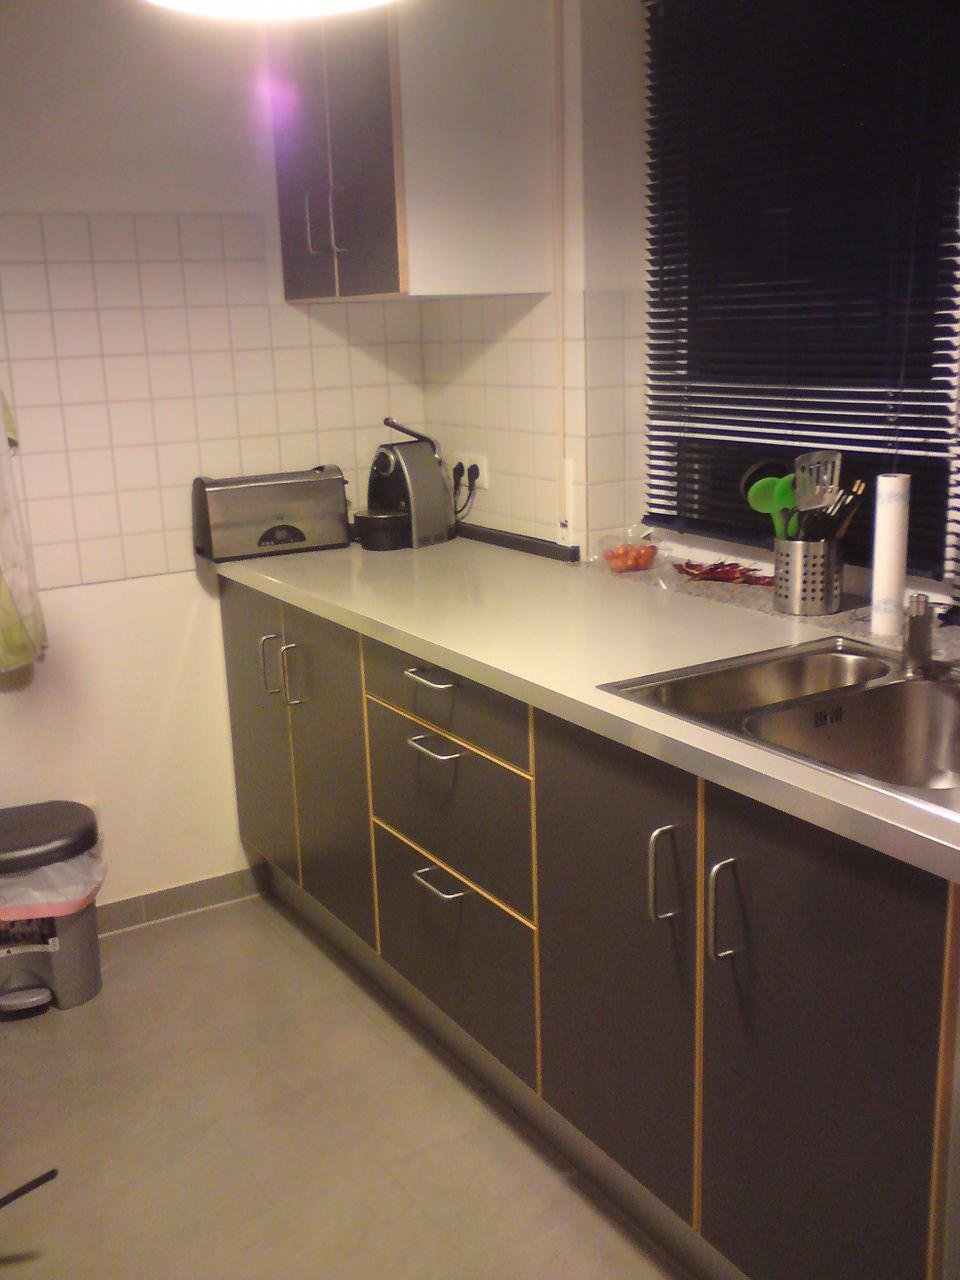 Full Size of Halterung Küchenrolle Ikea   Eckschrank Küche Ikea Porsche Design Küche Einrichten Mit Regalen Küche Eckschrank Küche